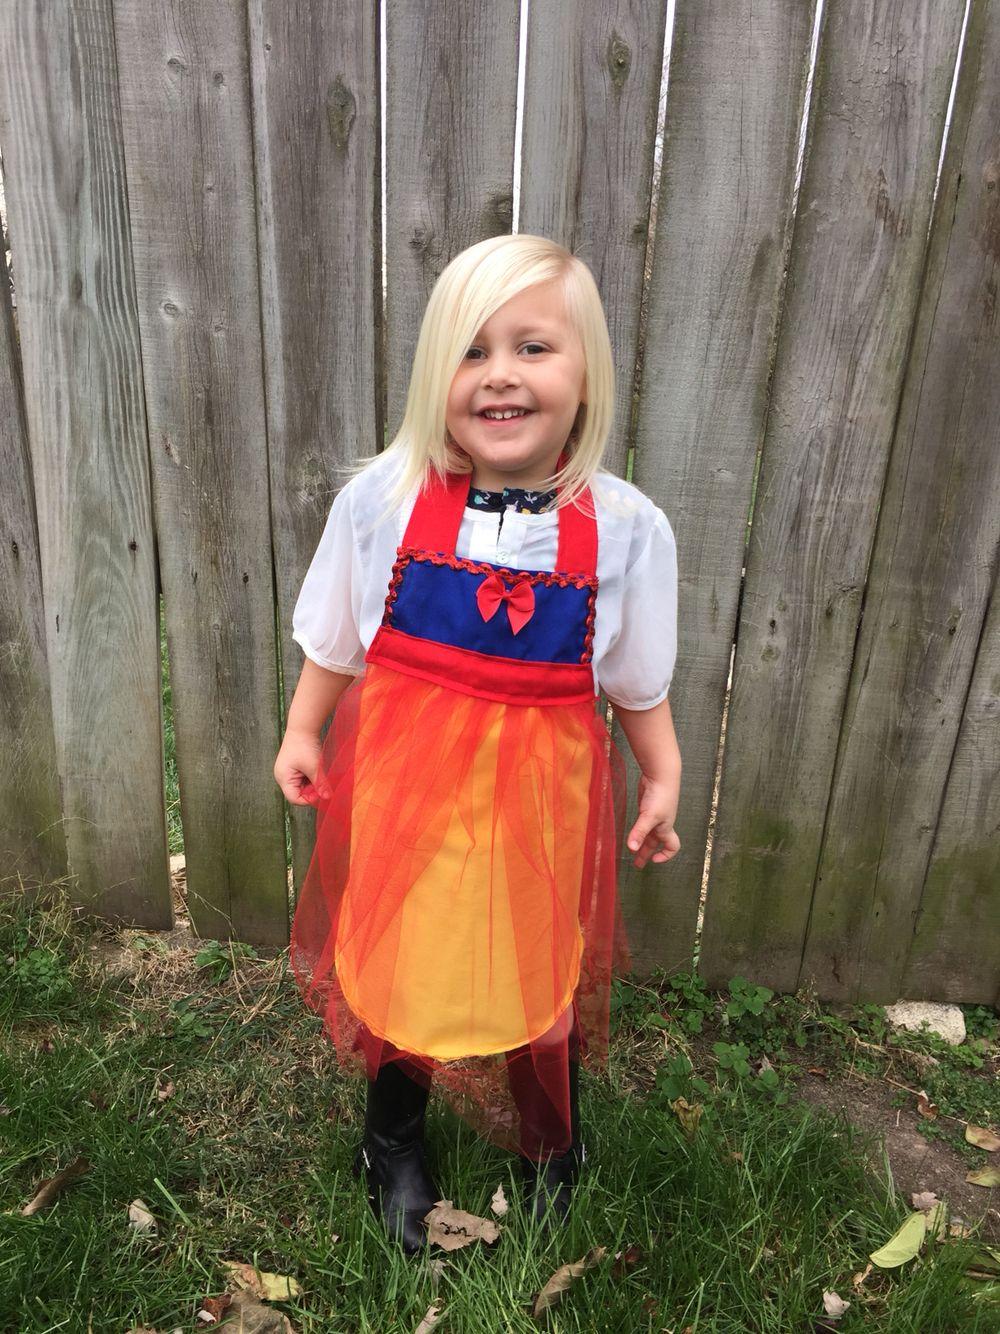 White tea apron - Snow White Inspired Disney Princess Apron Dress Up Apron Kids Apron Tea Party